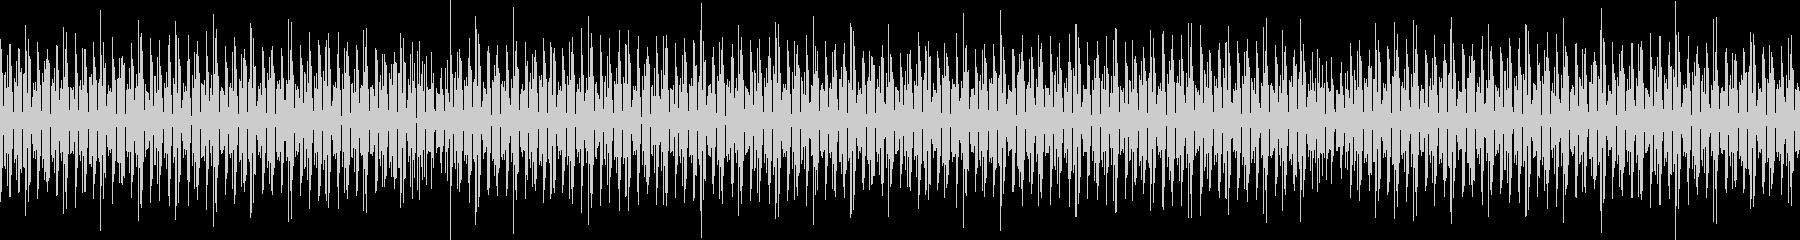 軽薄な感じのBGM4つ打ち ループ仕様の未再生の波形